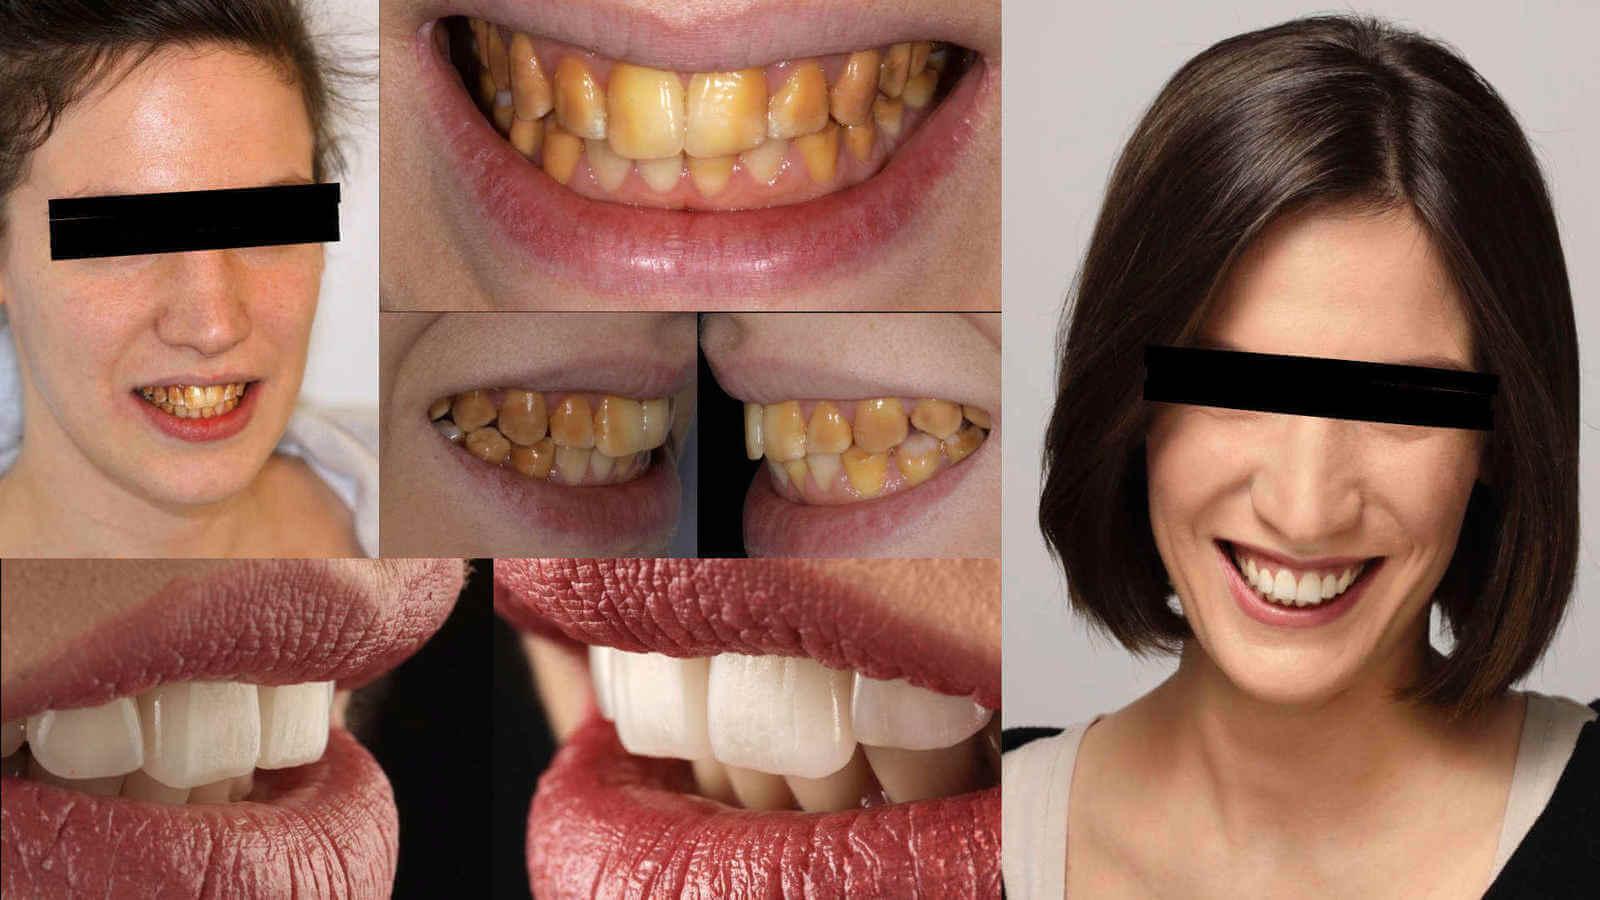 Trattamento protesico in Odontoiatria Estetica: Caso clinico vincitore n°1 dall' Aiop International Prosthodontic Contest 2014